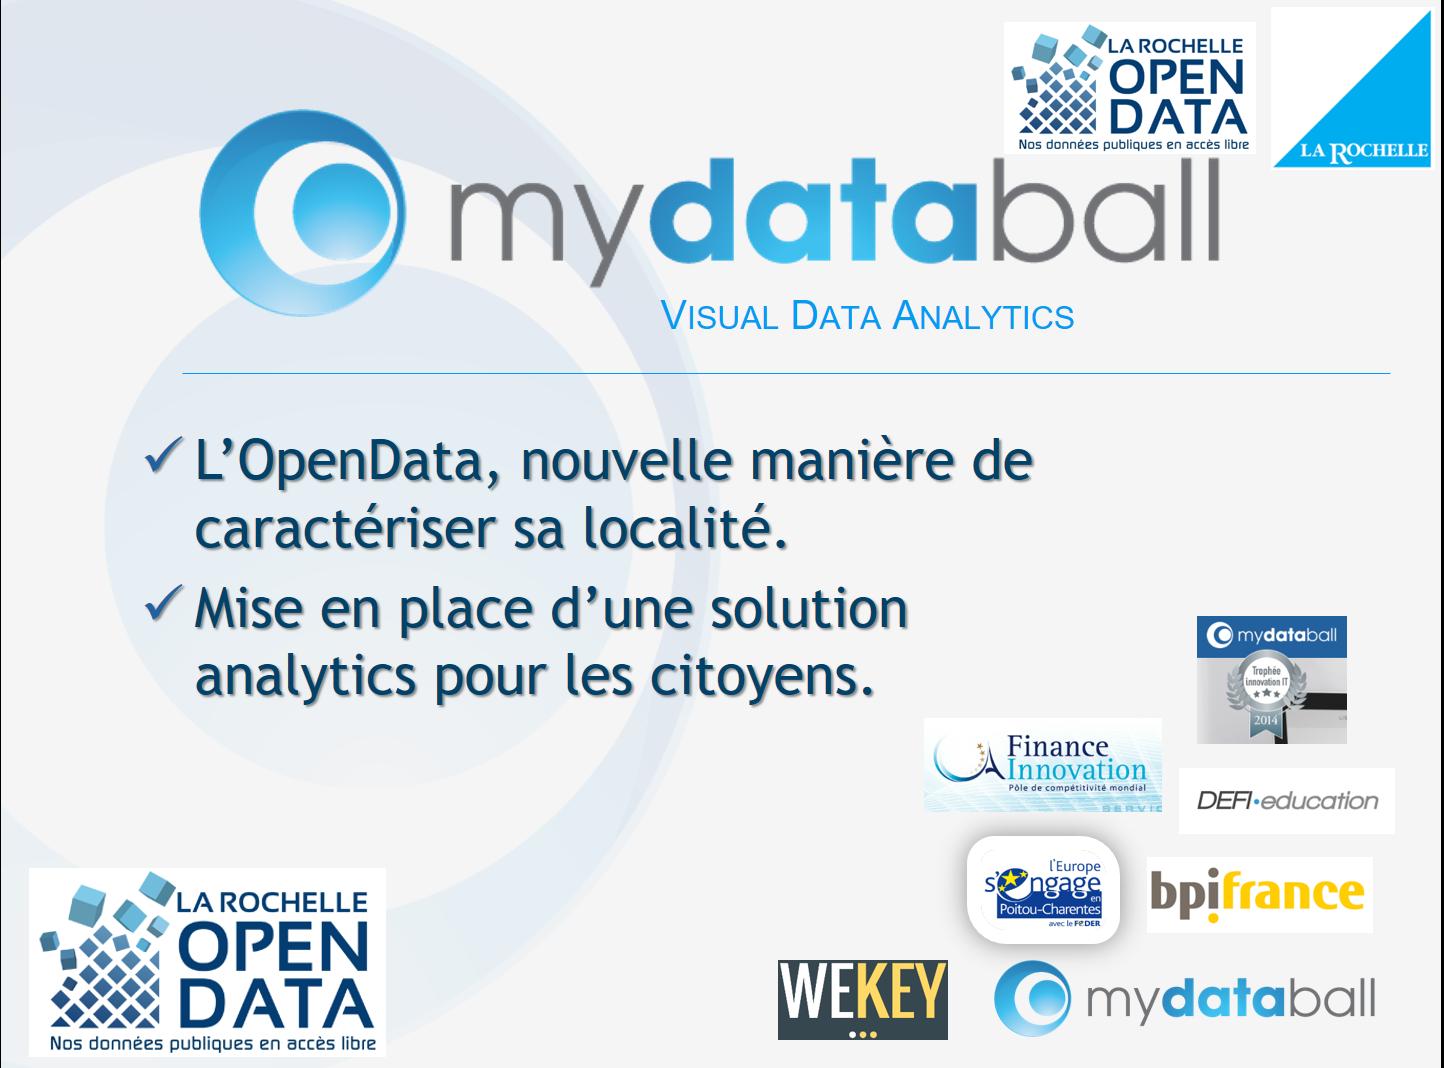 Presentation_MyDataball_interconnectes_la_Rochelle